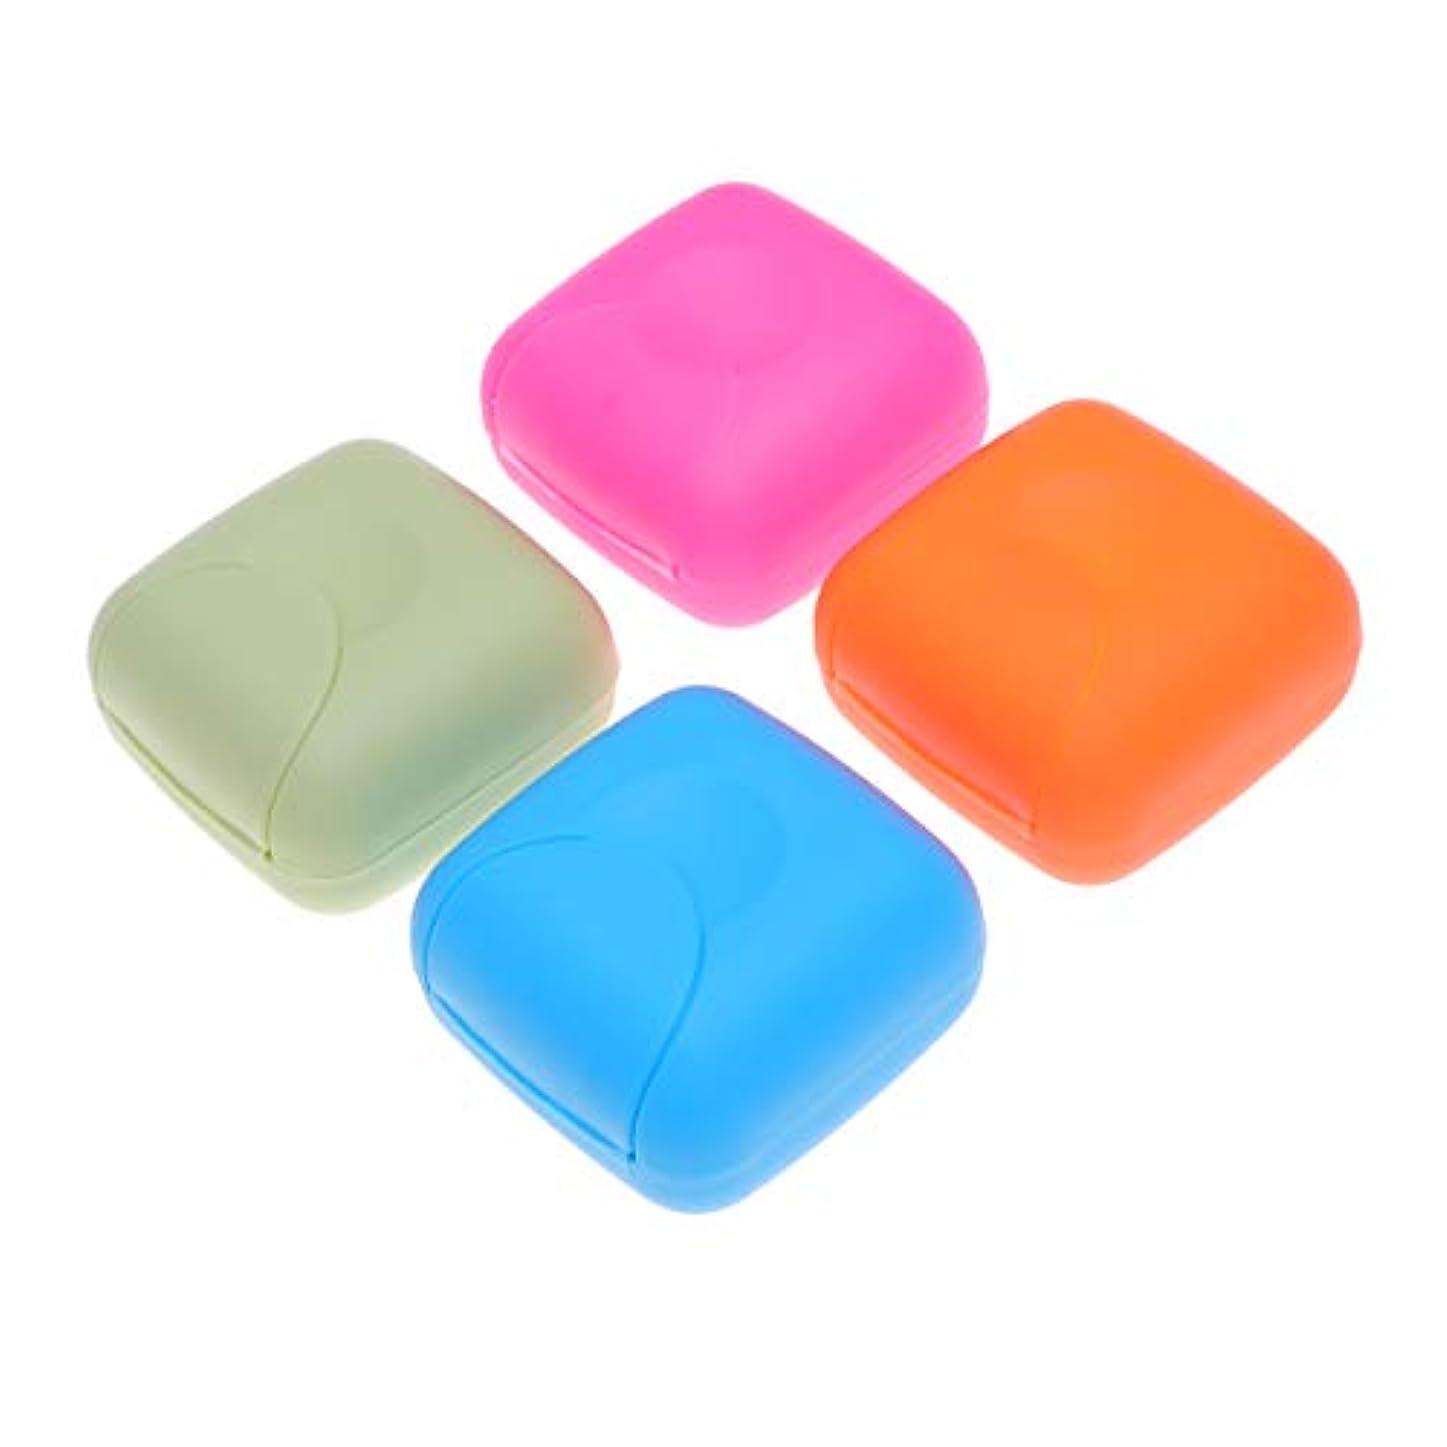 コットン潜む拡声器Healifty ソープボックスポータブルソープディッシュソープケース4本(ブルー、ロージー、オレンジ、ピンク)